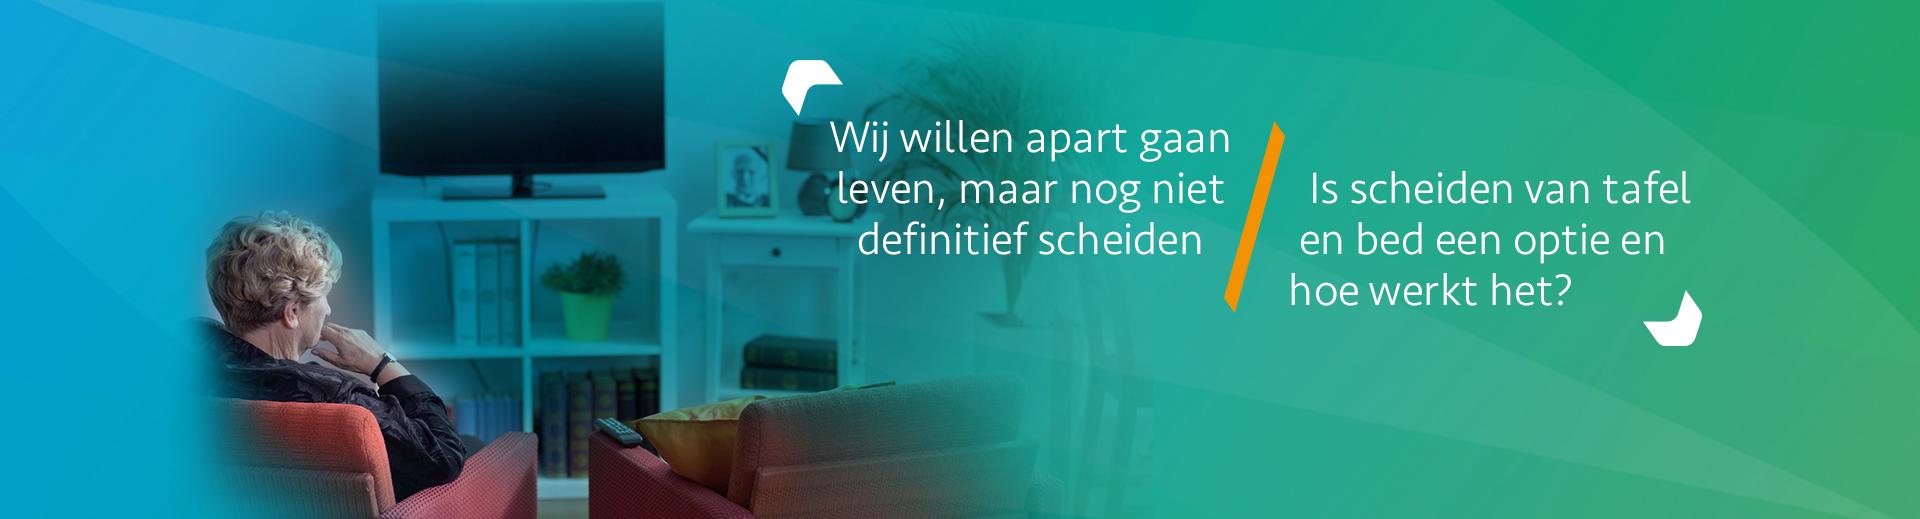 Wat is scheiden van tafel en bed - Scheidingsplanner Hoofddorp - Badhoevedorp - Nieuw Vennep